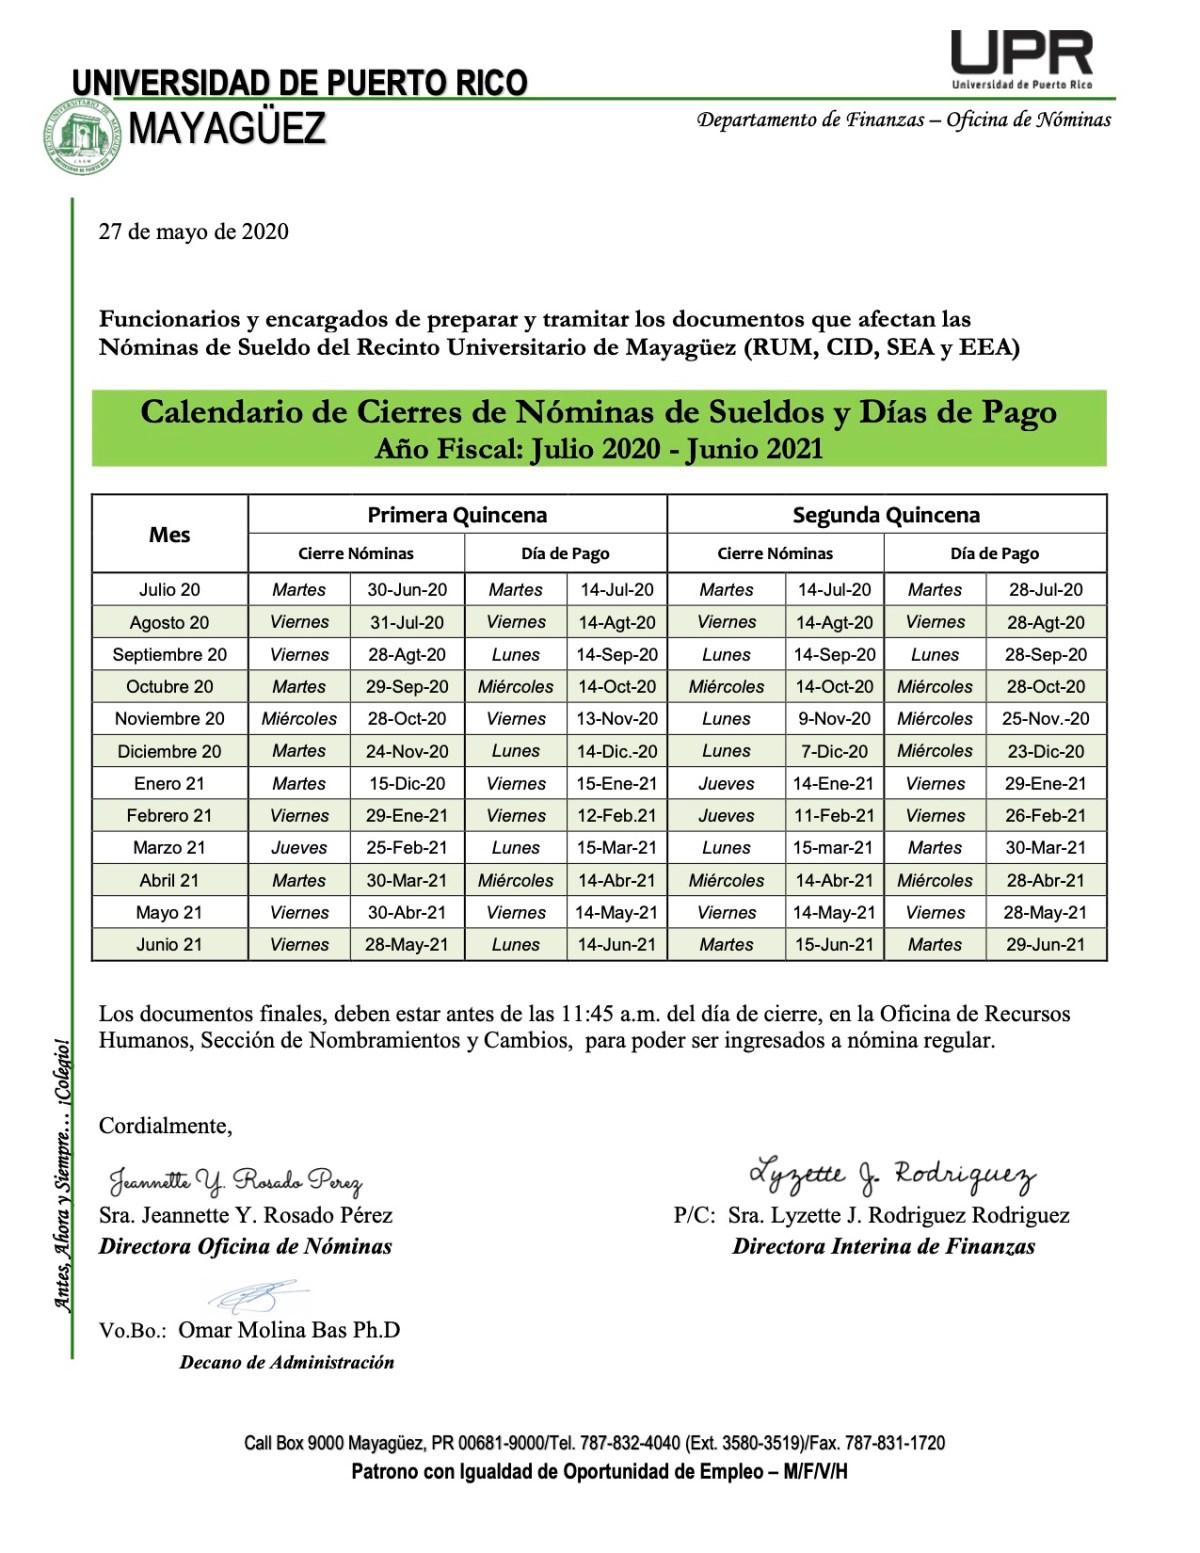 calendario nominas 2020-2021